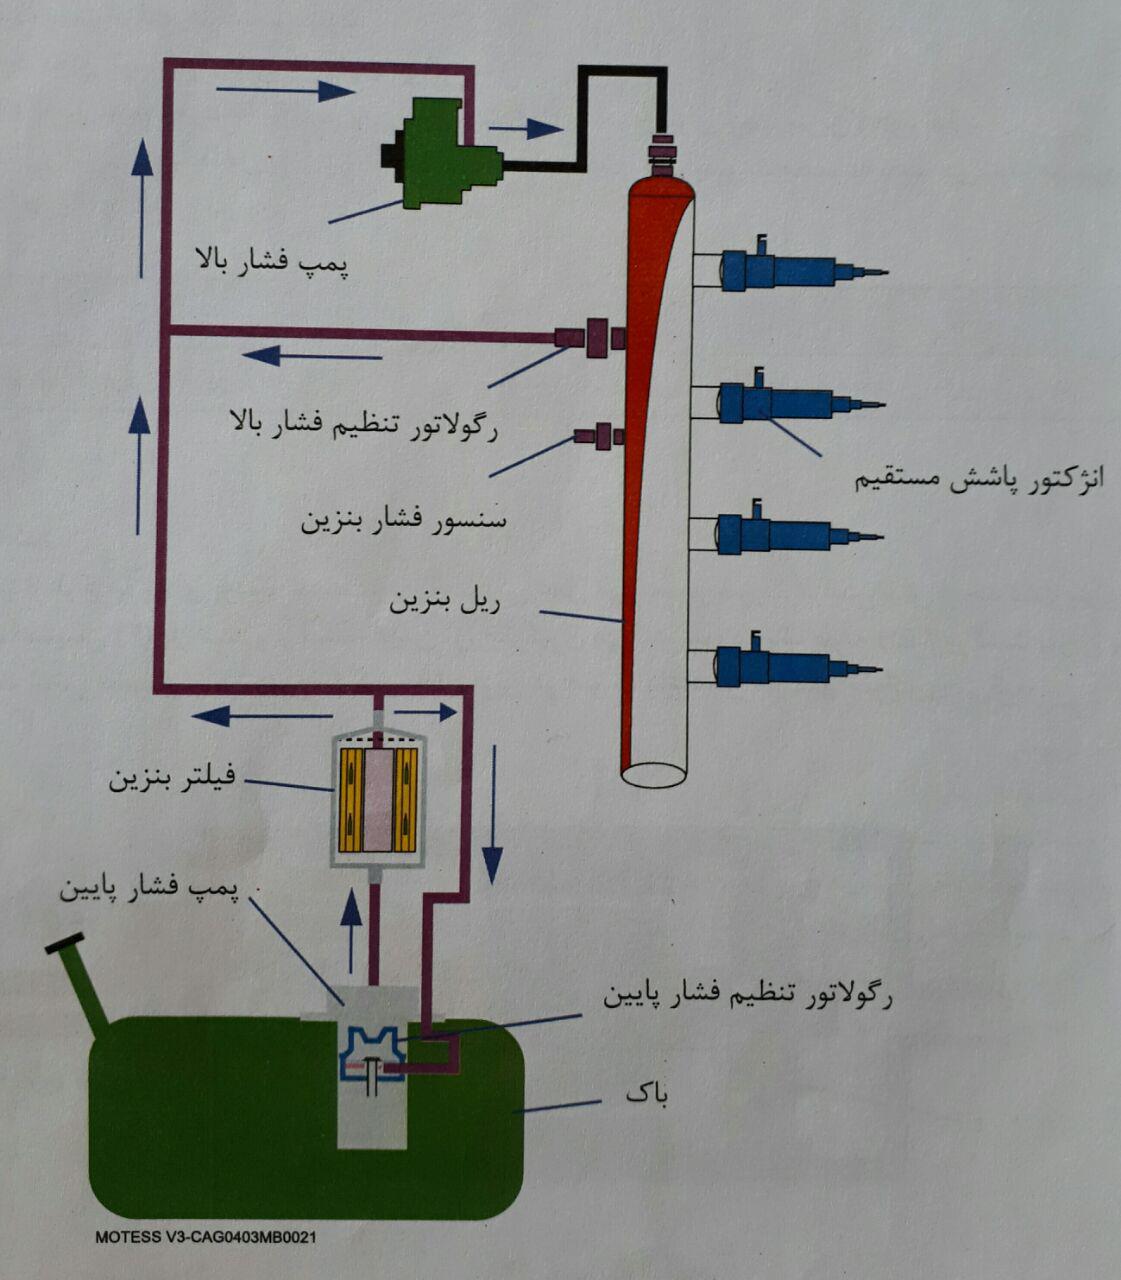 رگولاتور تنظیم متغیر فشار بالای بنزین